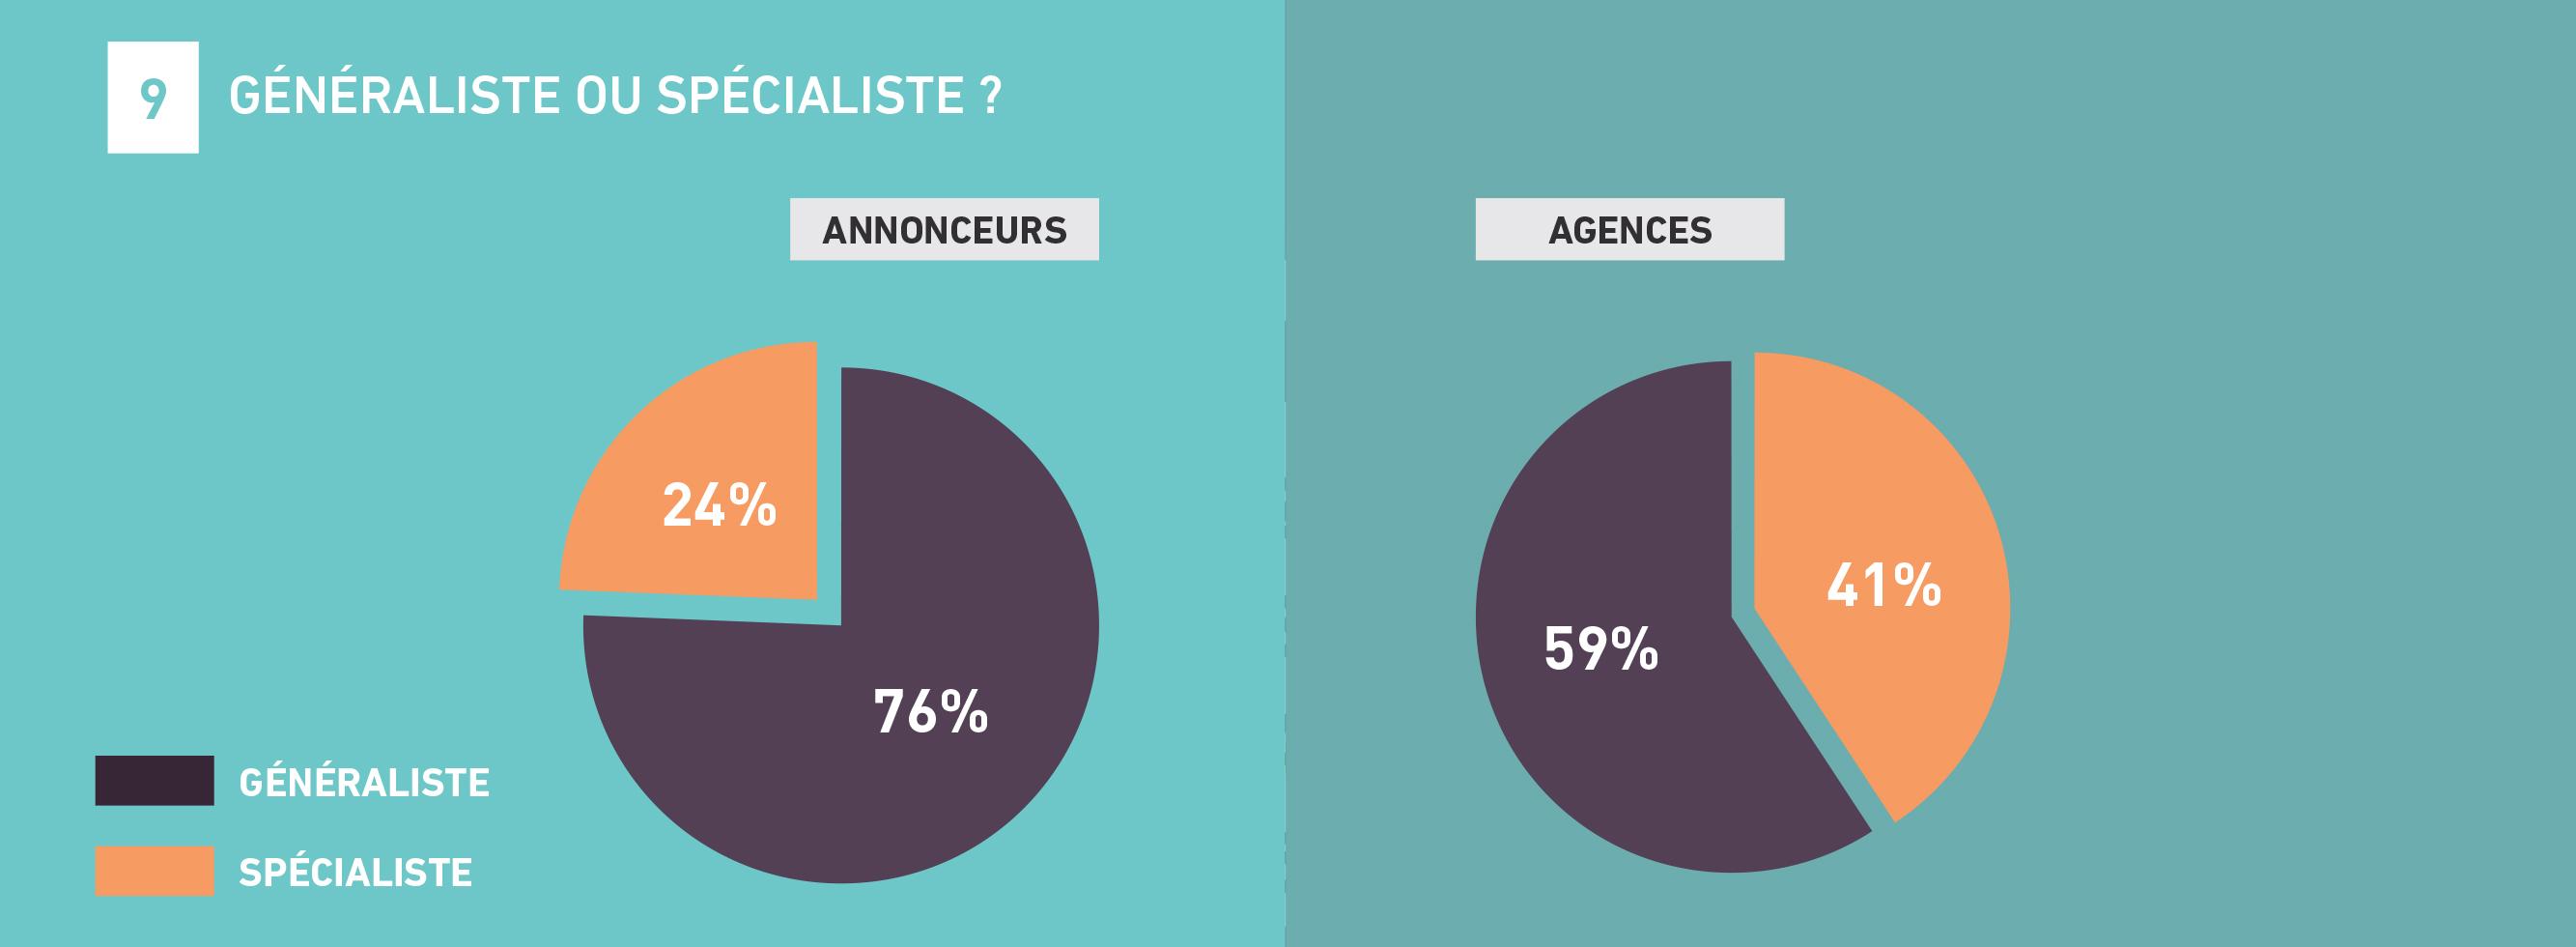 tendances-emploi-publicite-agences-annonceurs-barometre-metiers-communication-2018-sup-de-com-generalistes-specialistes